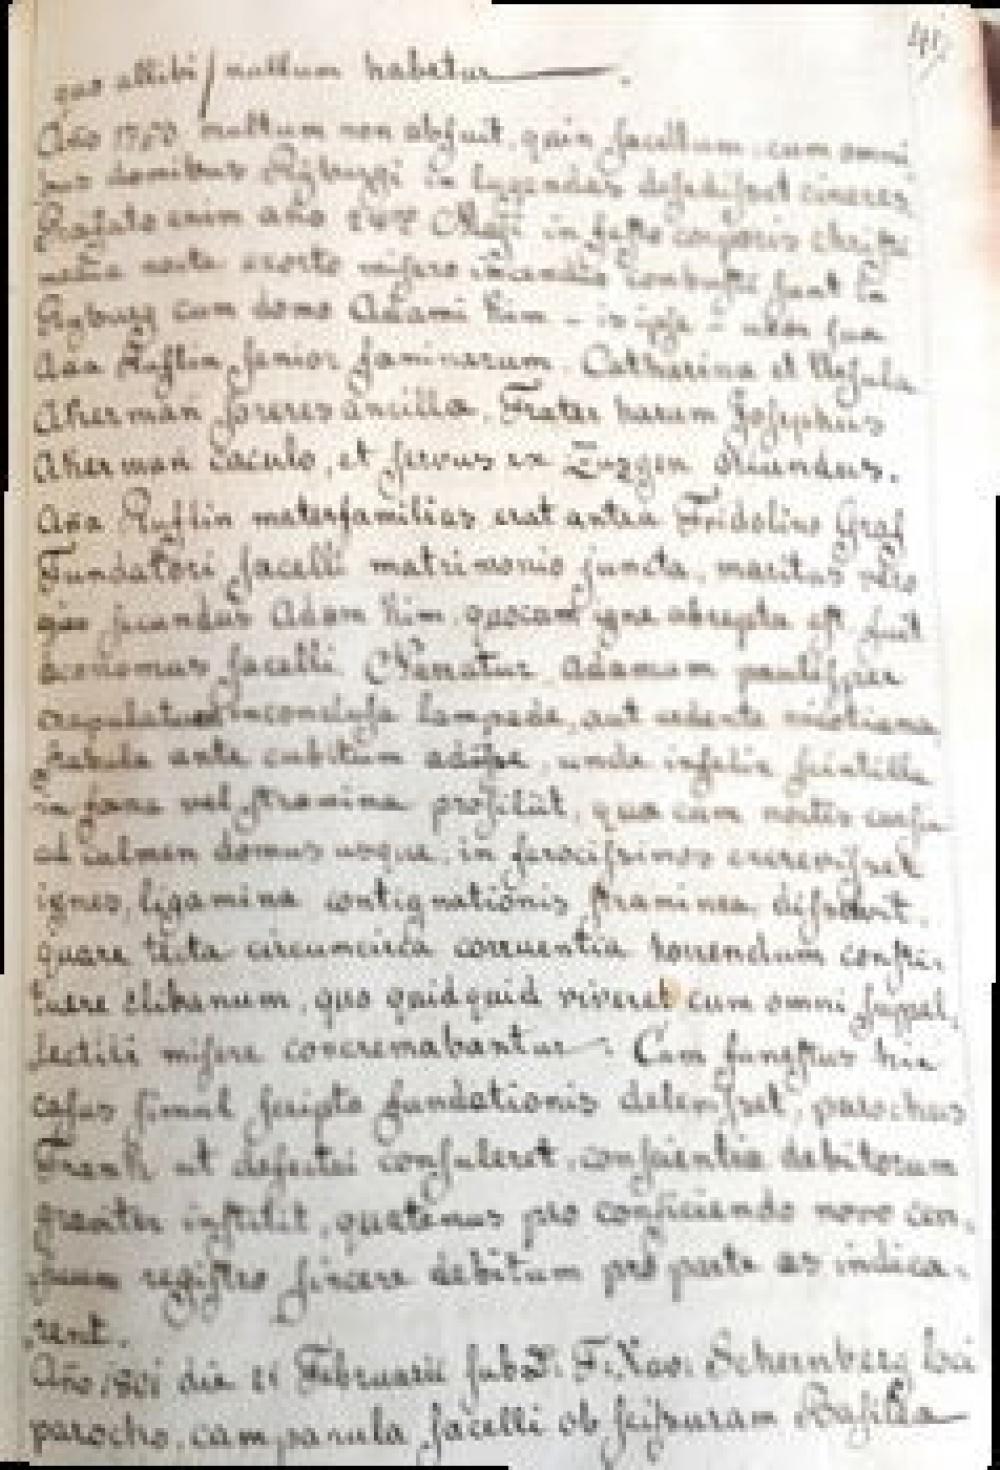 Auszug aus dem «Liber parochialis», in dem auch festgehalten ist, dass man im Dorf darüber spekulierte, ob der Brand im Haus des Stifters durch eine nicht gelöschte Lampe oder eine heruntergefallene Tabakpfeife ausgelöst wurde.